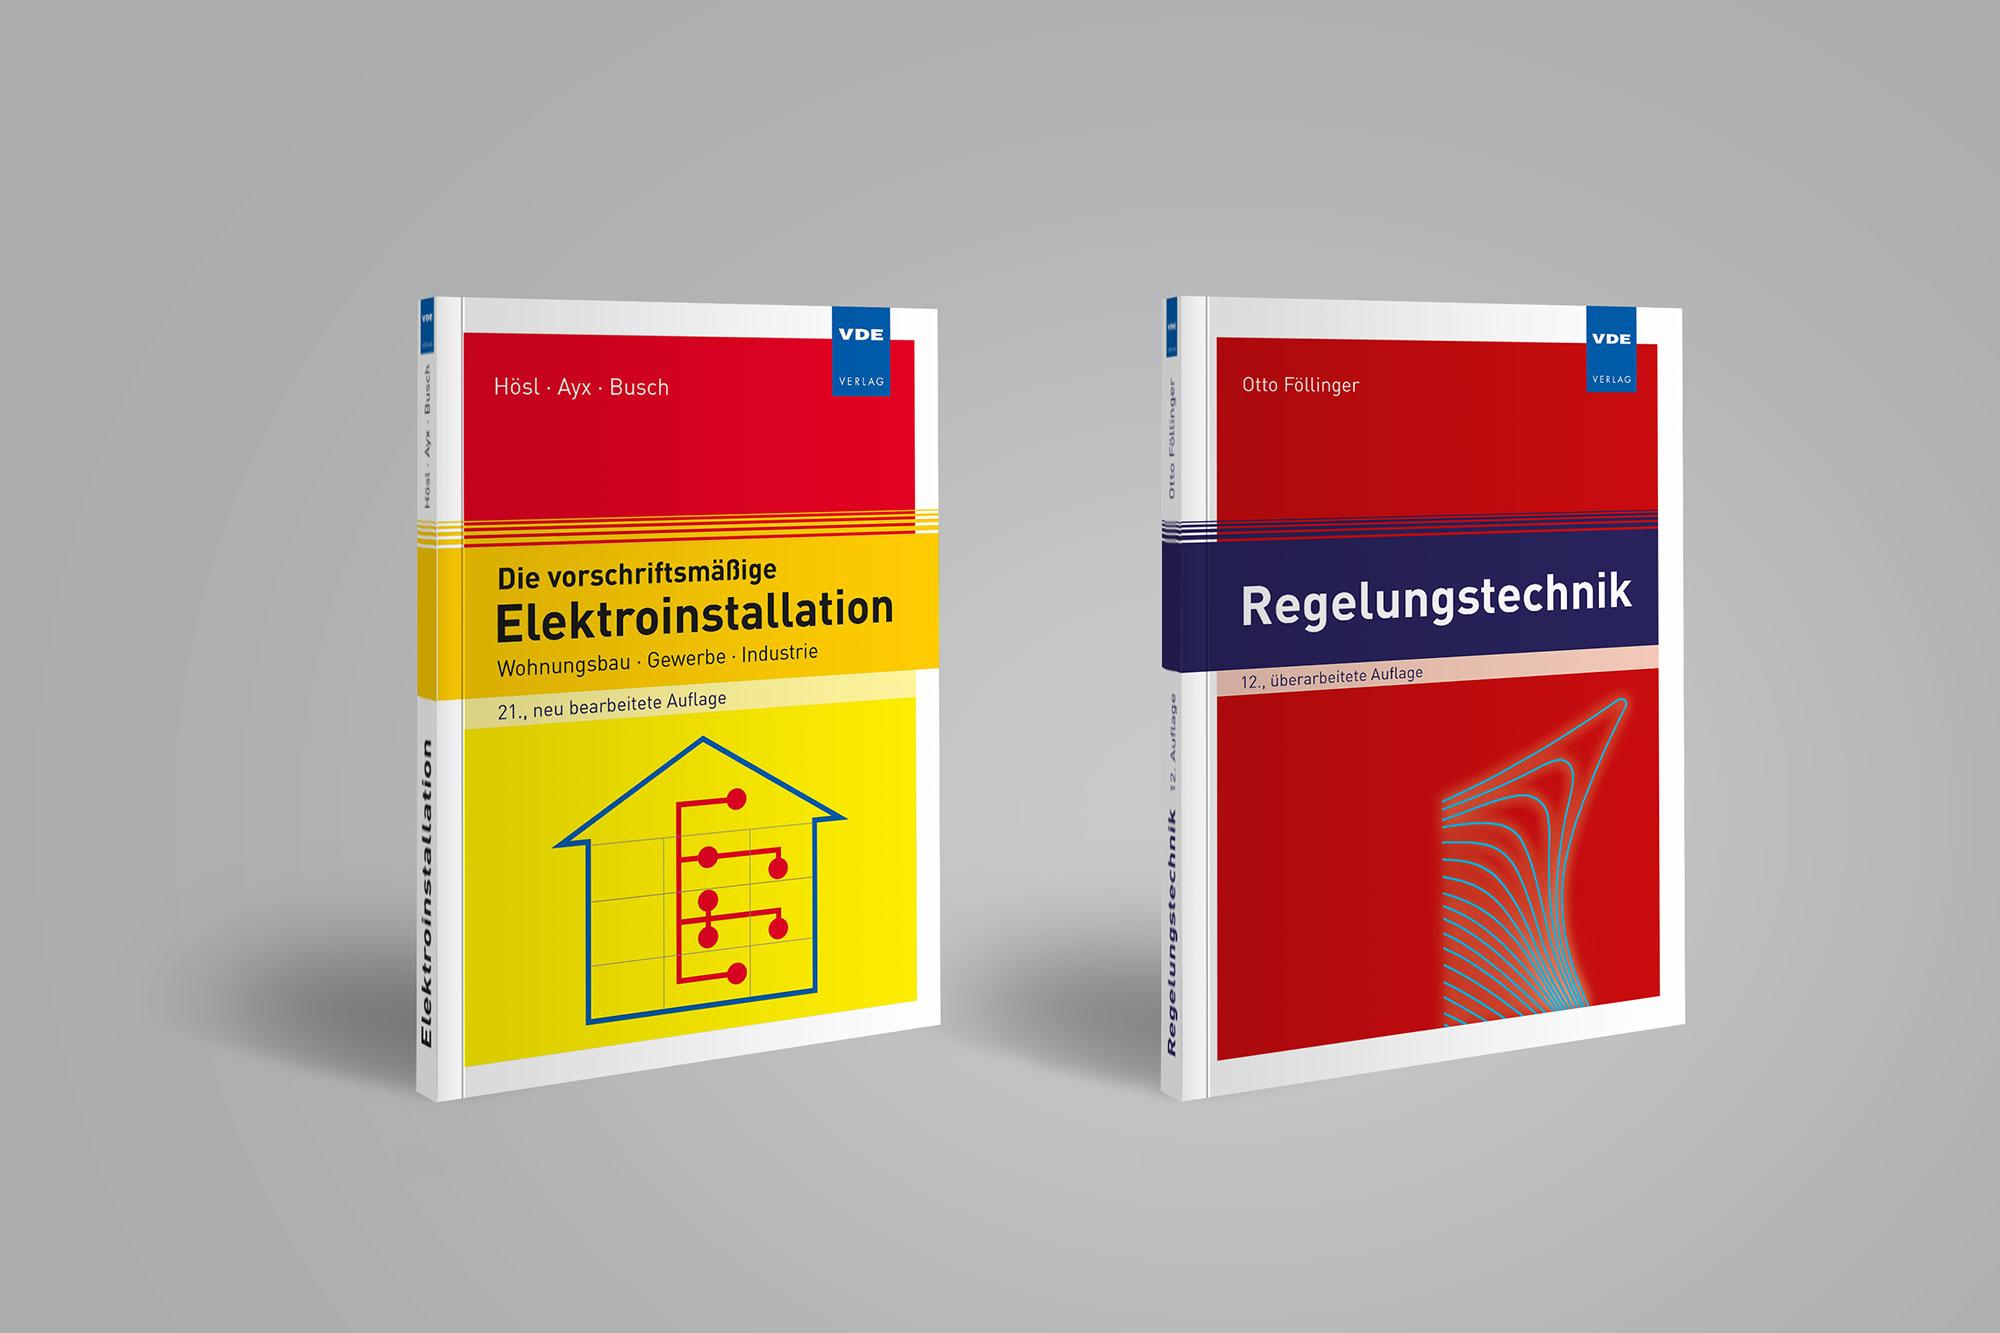 VDE_Elektroinstallation_Regelungstechnik_Web